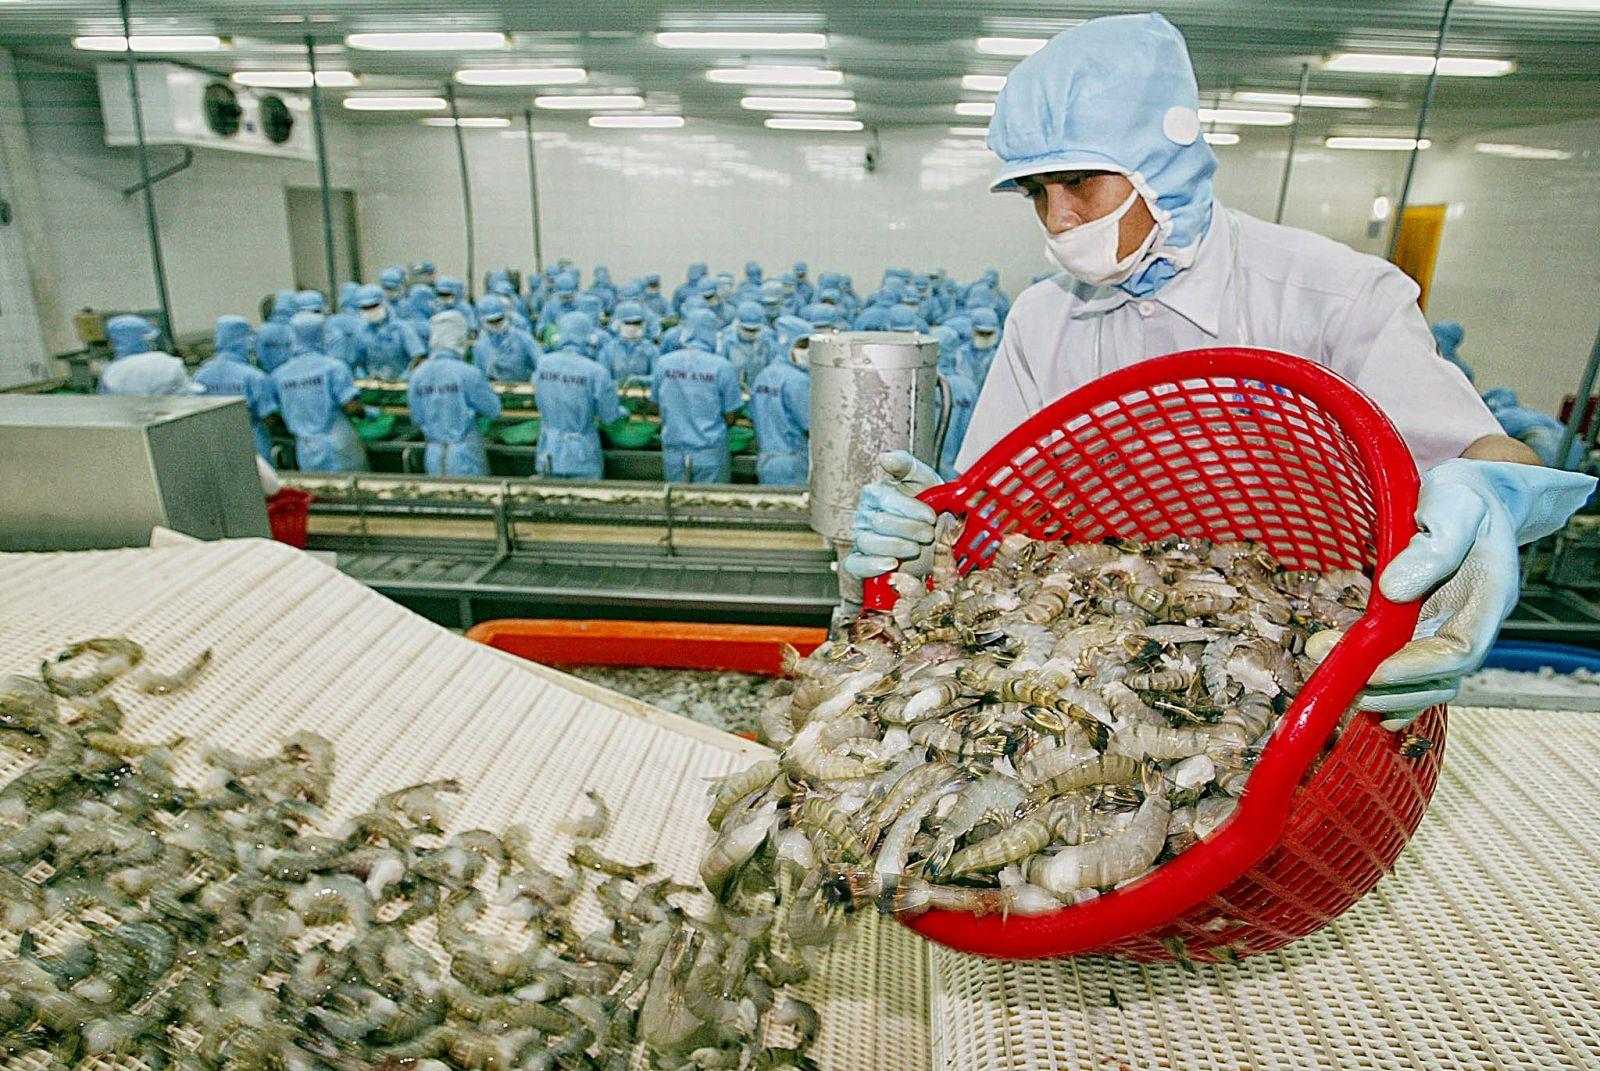 Kim ngạch xuất khẩu thủy sản đạt 5,57 tỷ USD trong 8 tháng đầu năm